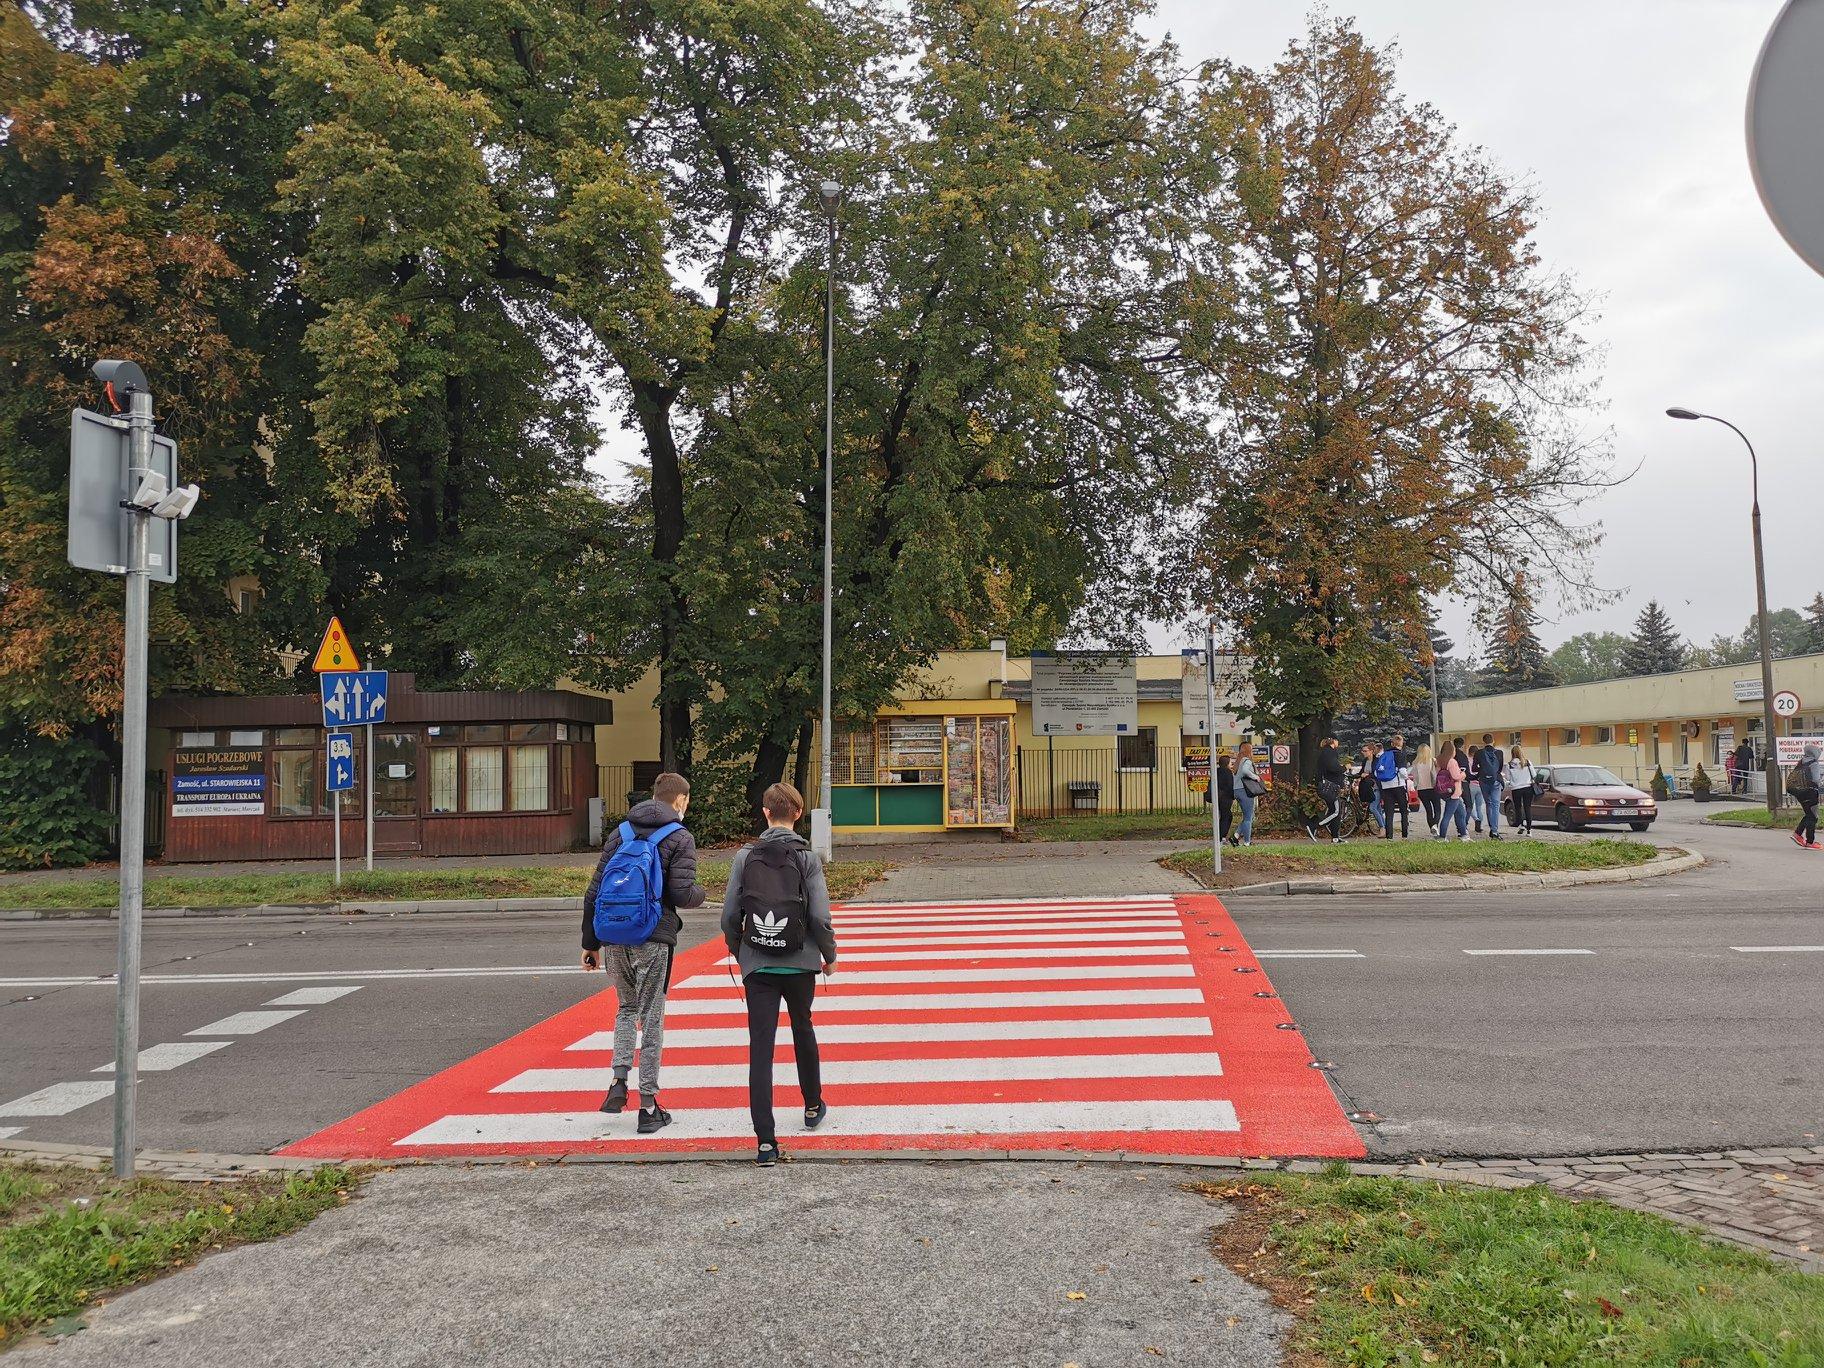 118765330 167338561639496 3056873931054697427 o Zamość: Nowe, interaktywne przejścia dla pieszych